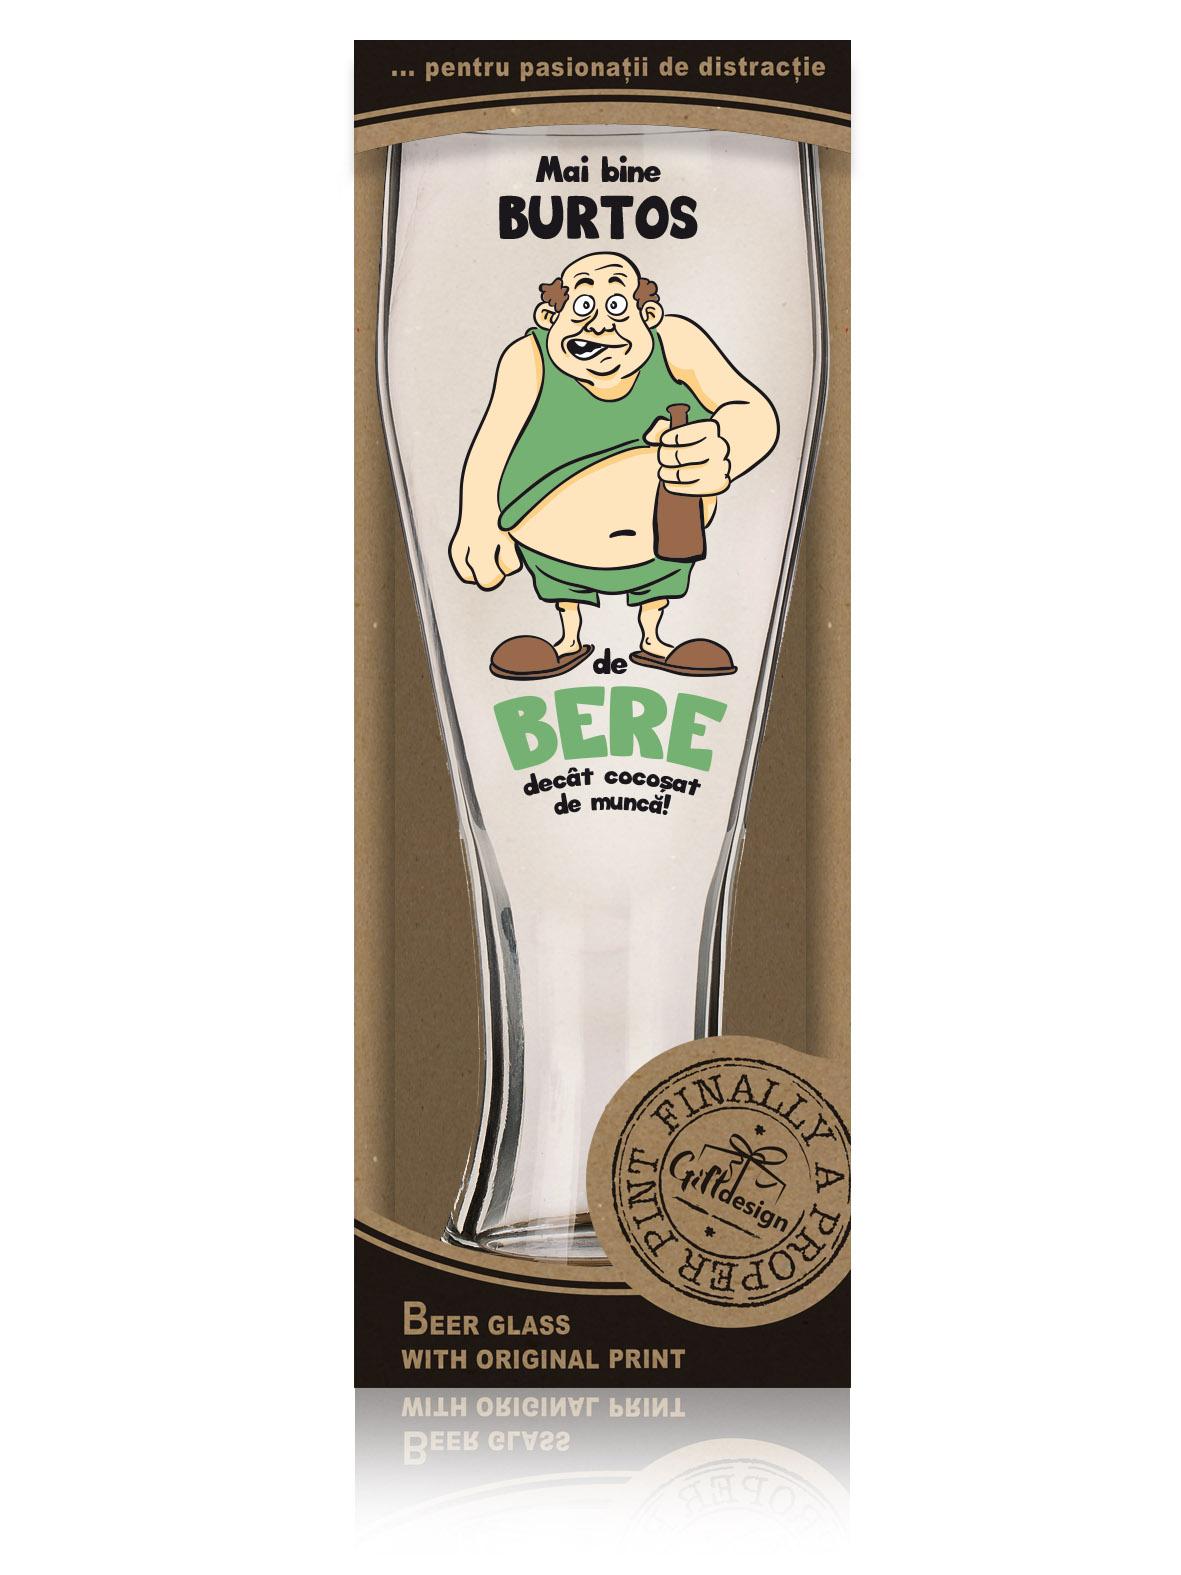 """Cutie Pahar de bere """"Mai bine Burtos de Bere decat cocosat de munca!""""."""